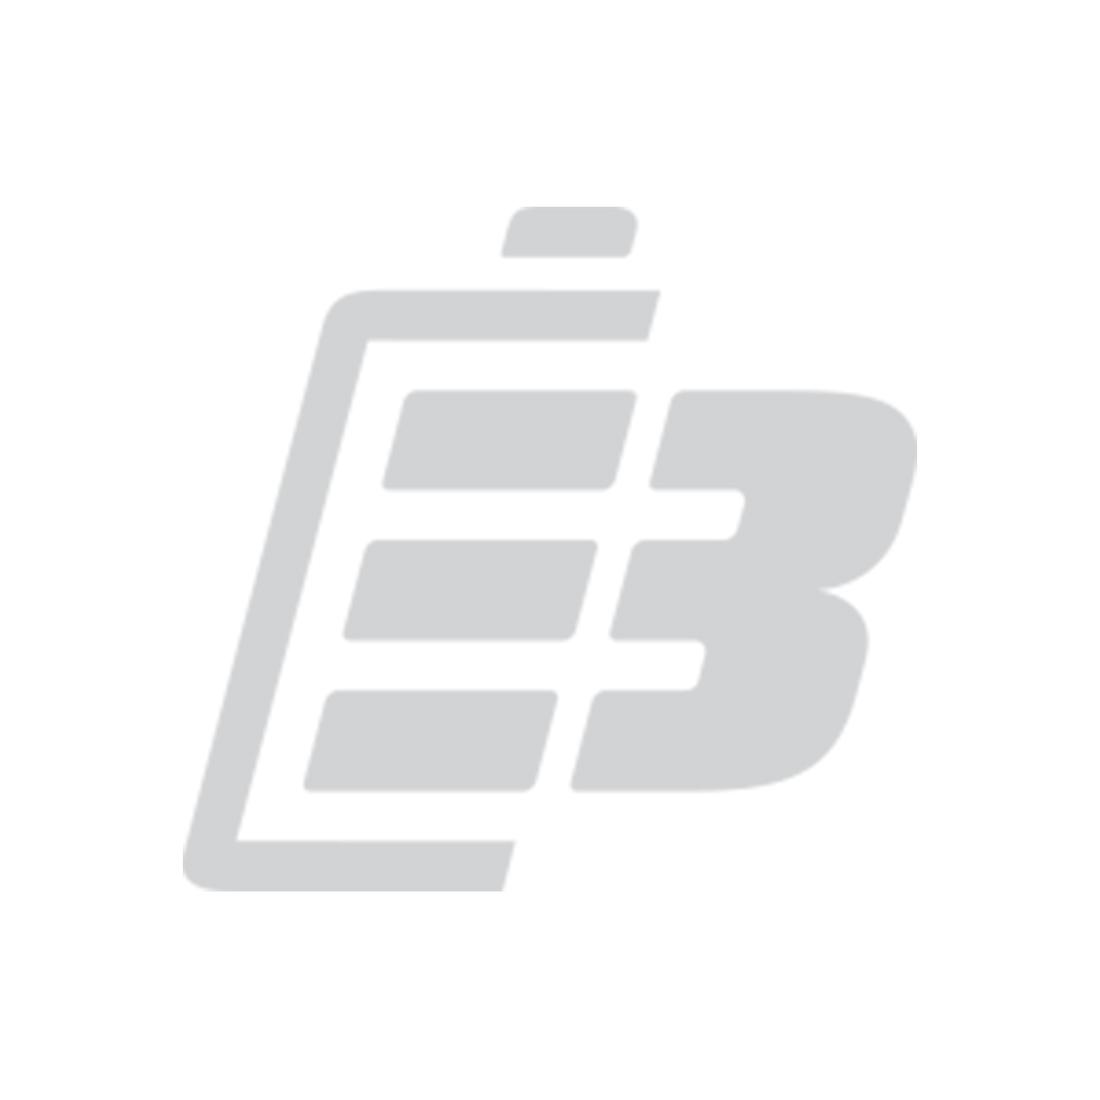 Μπαταρια προφορτισμενη Eneloop AA 1900mah 1